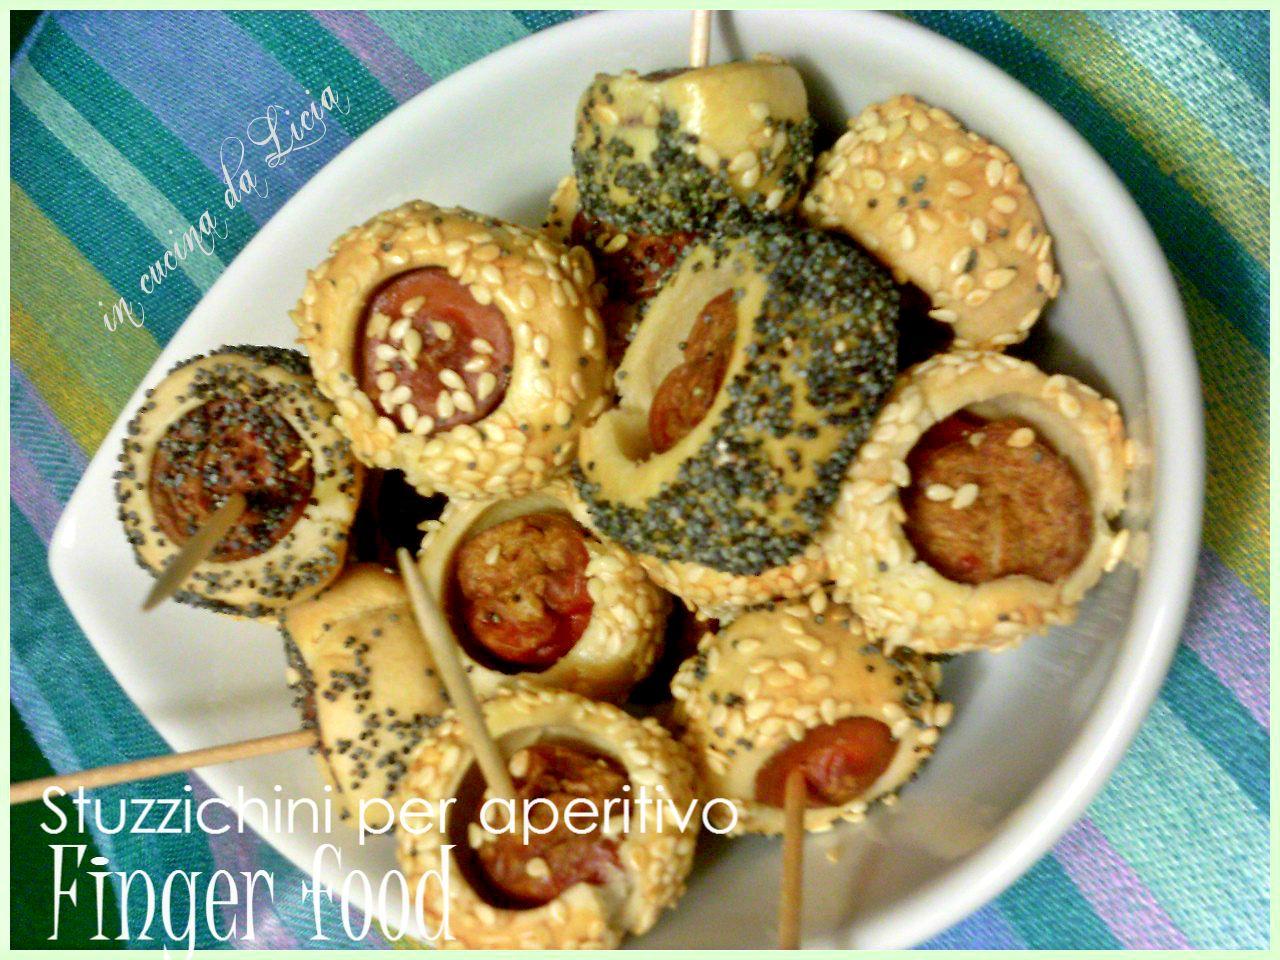 Stuzzichini per aperitivo ricetta finger food